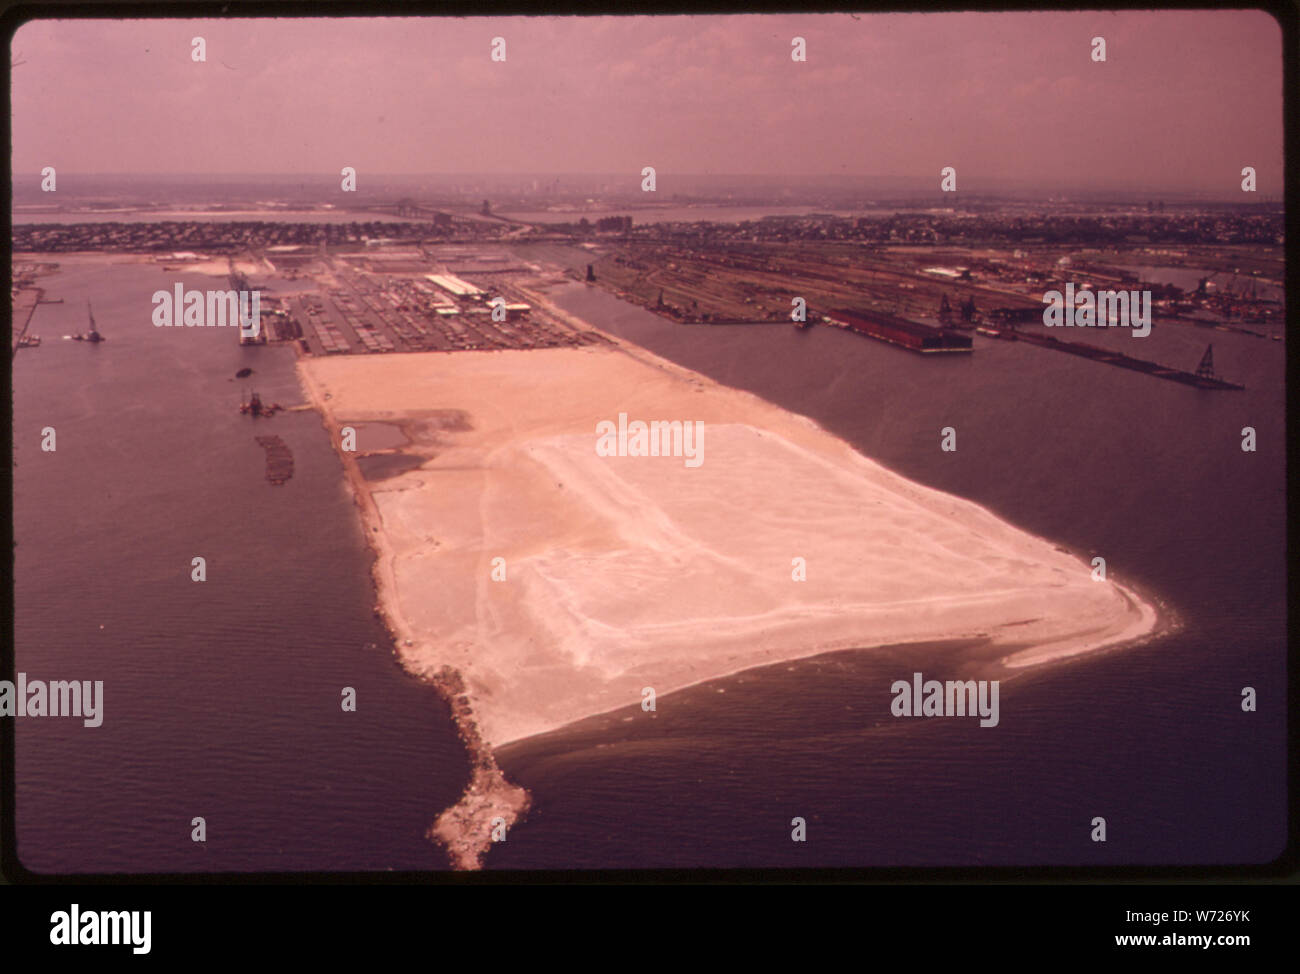 Exemple de site d'ENFOUISSEMENT À BAYONNE, NEW JERSEY, NEW YORK BAY DANS LA RÉGION MÉTROPOLITAINE. L'ENFOUISSEMENT ET L'INCINÉRATION SONT DES SOLUTIONS DE RECHANGE À L'immersion. Mais AJOUTE À LA POLLUTION DE L'INCINÉRATION ET D'ENFOUISSEMENT DOIT SE DOTER DE TERRE OUVERTE, CE QUI EST DIFFICILE À TROUVER, ET C'EST AUSSI UN DANGER POTENTIEL DE POLLUTION DES EAUX SOUTERRAINES À PROXIMITÉ DU LIEU D'IMMERSION. Les rejets en mer A TOUJOURS ÉTÉ LE PLUS POSSIBLE POUR L'ÉVACUATION DES DÉCHETS DANS LA RÉGION Banque D'Images